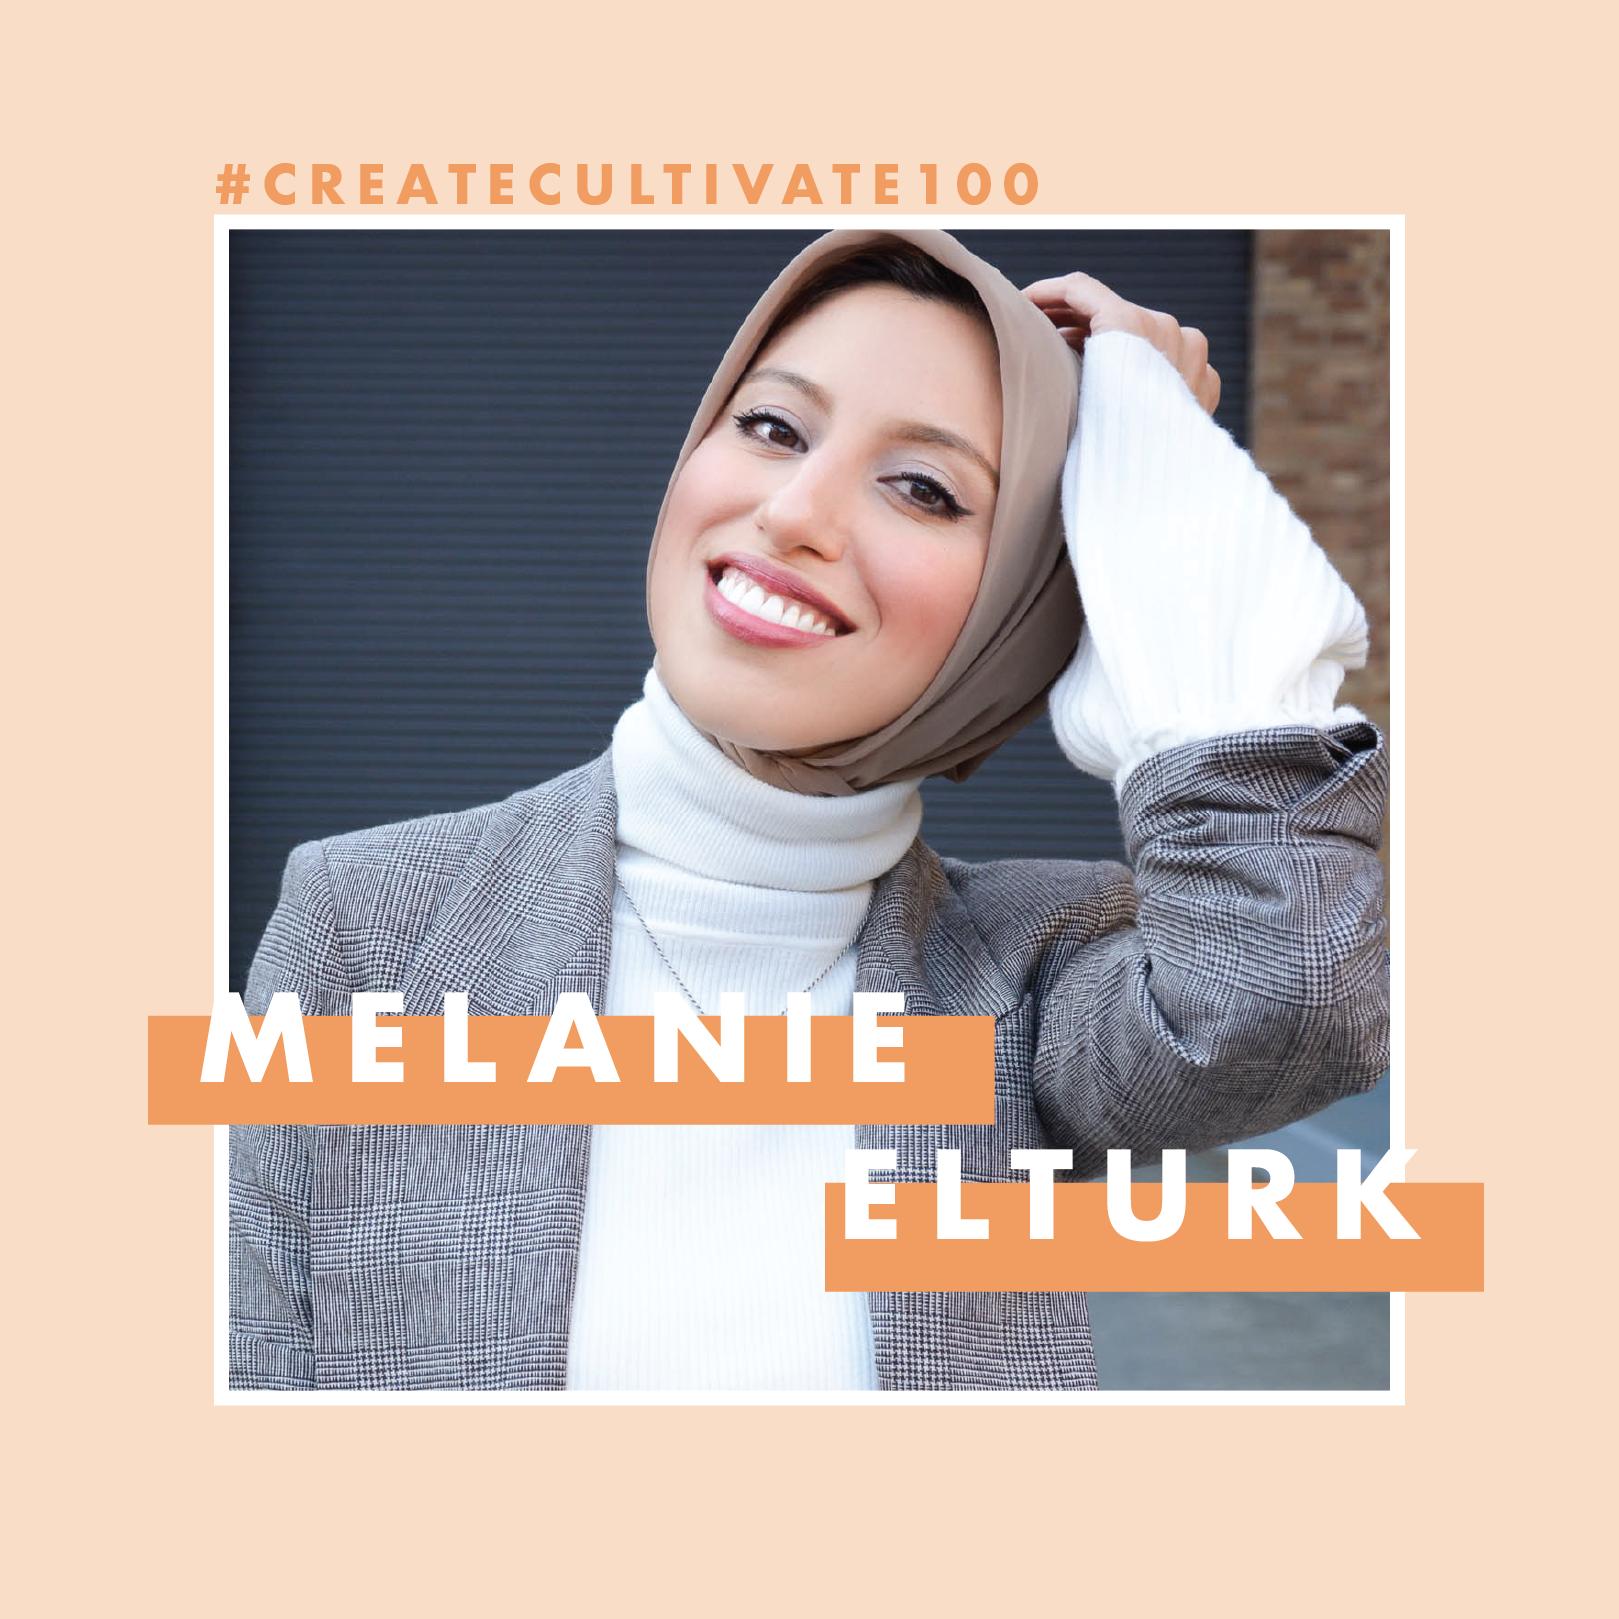 Melanie_square.png